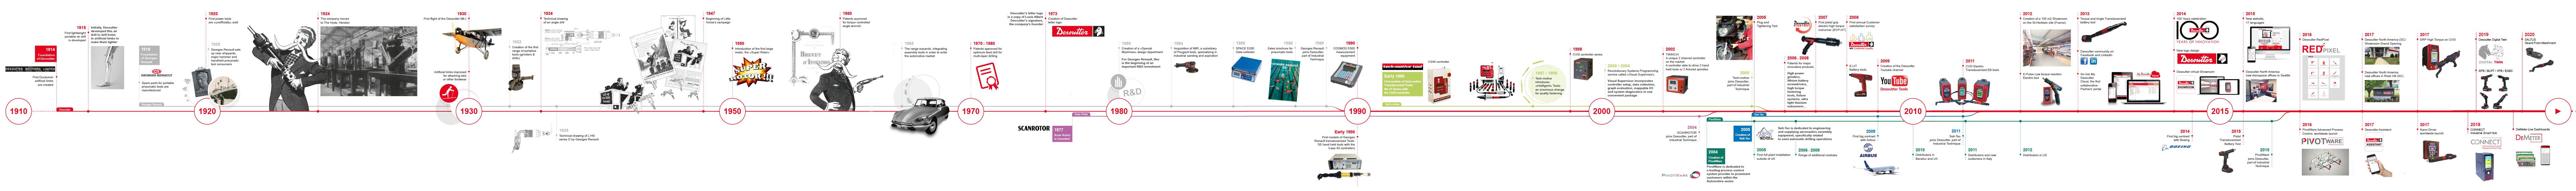 L'Histoire d'une marque innovante